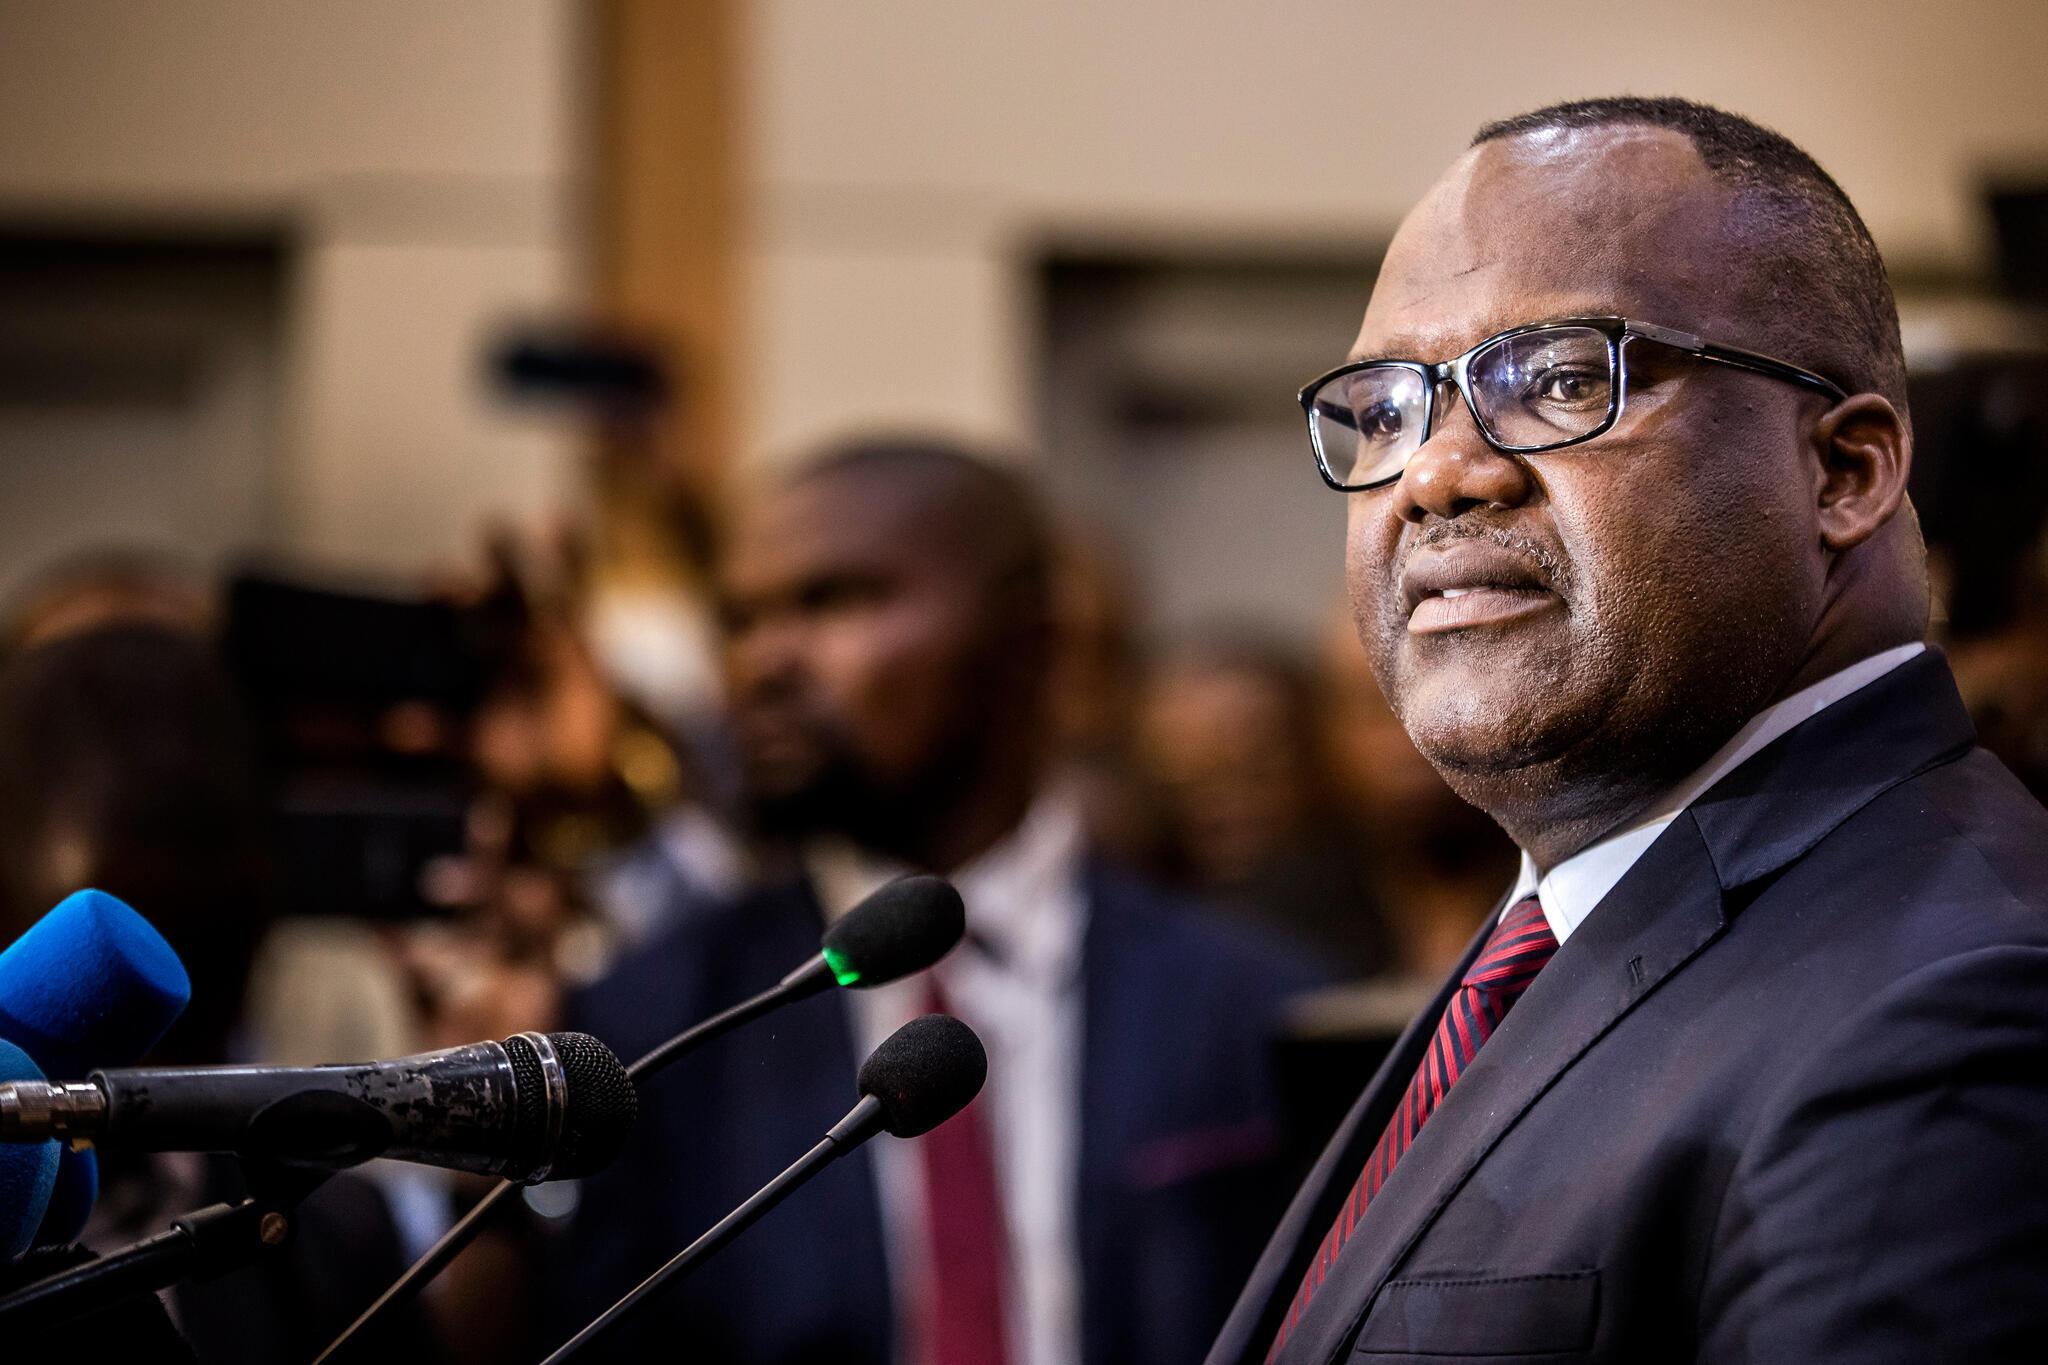 刚果金选举委员会主席Corneille Nangaa Yobeluo,2018年12月 20 日。